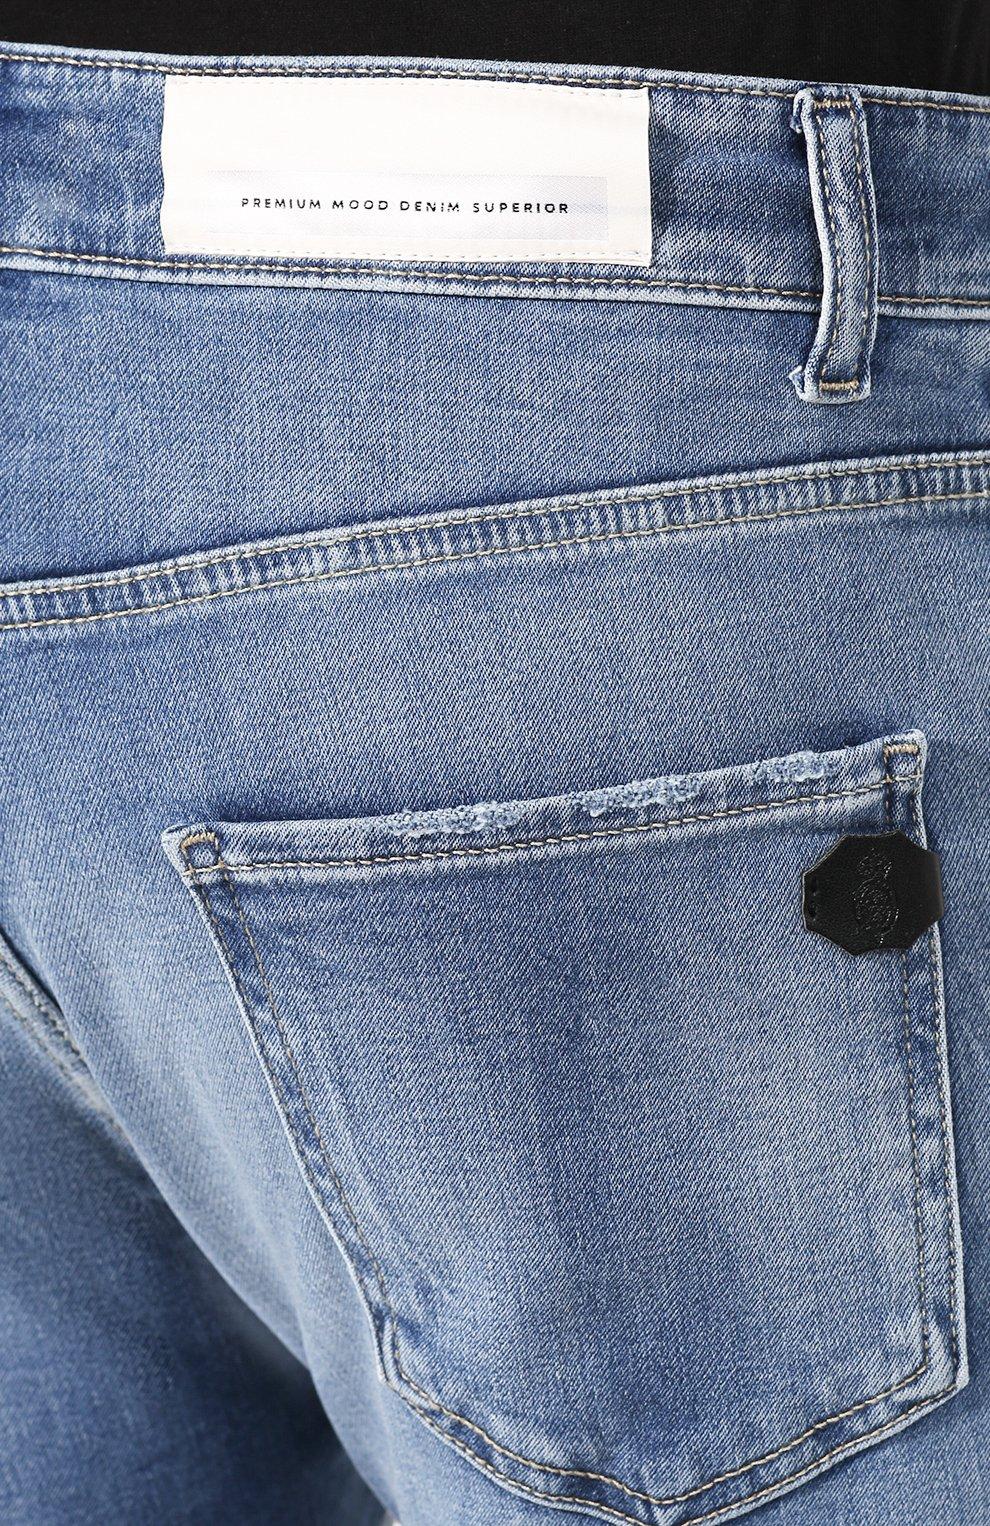 Мужские джинсы PREMIUM MOOD DENIM SUPERIOR синего цвета, арт. S20 0352752182/BARRET | Фото 5